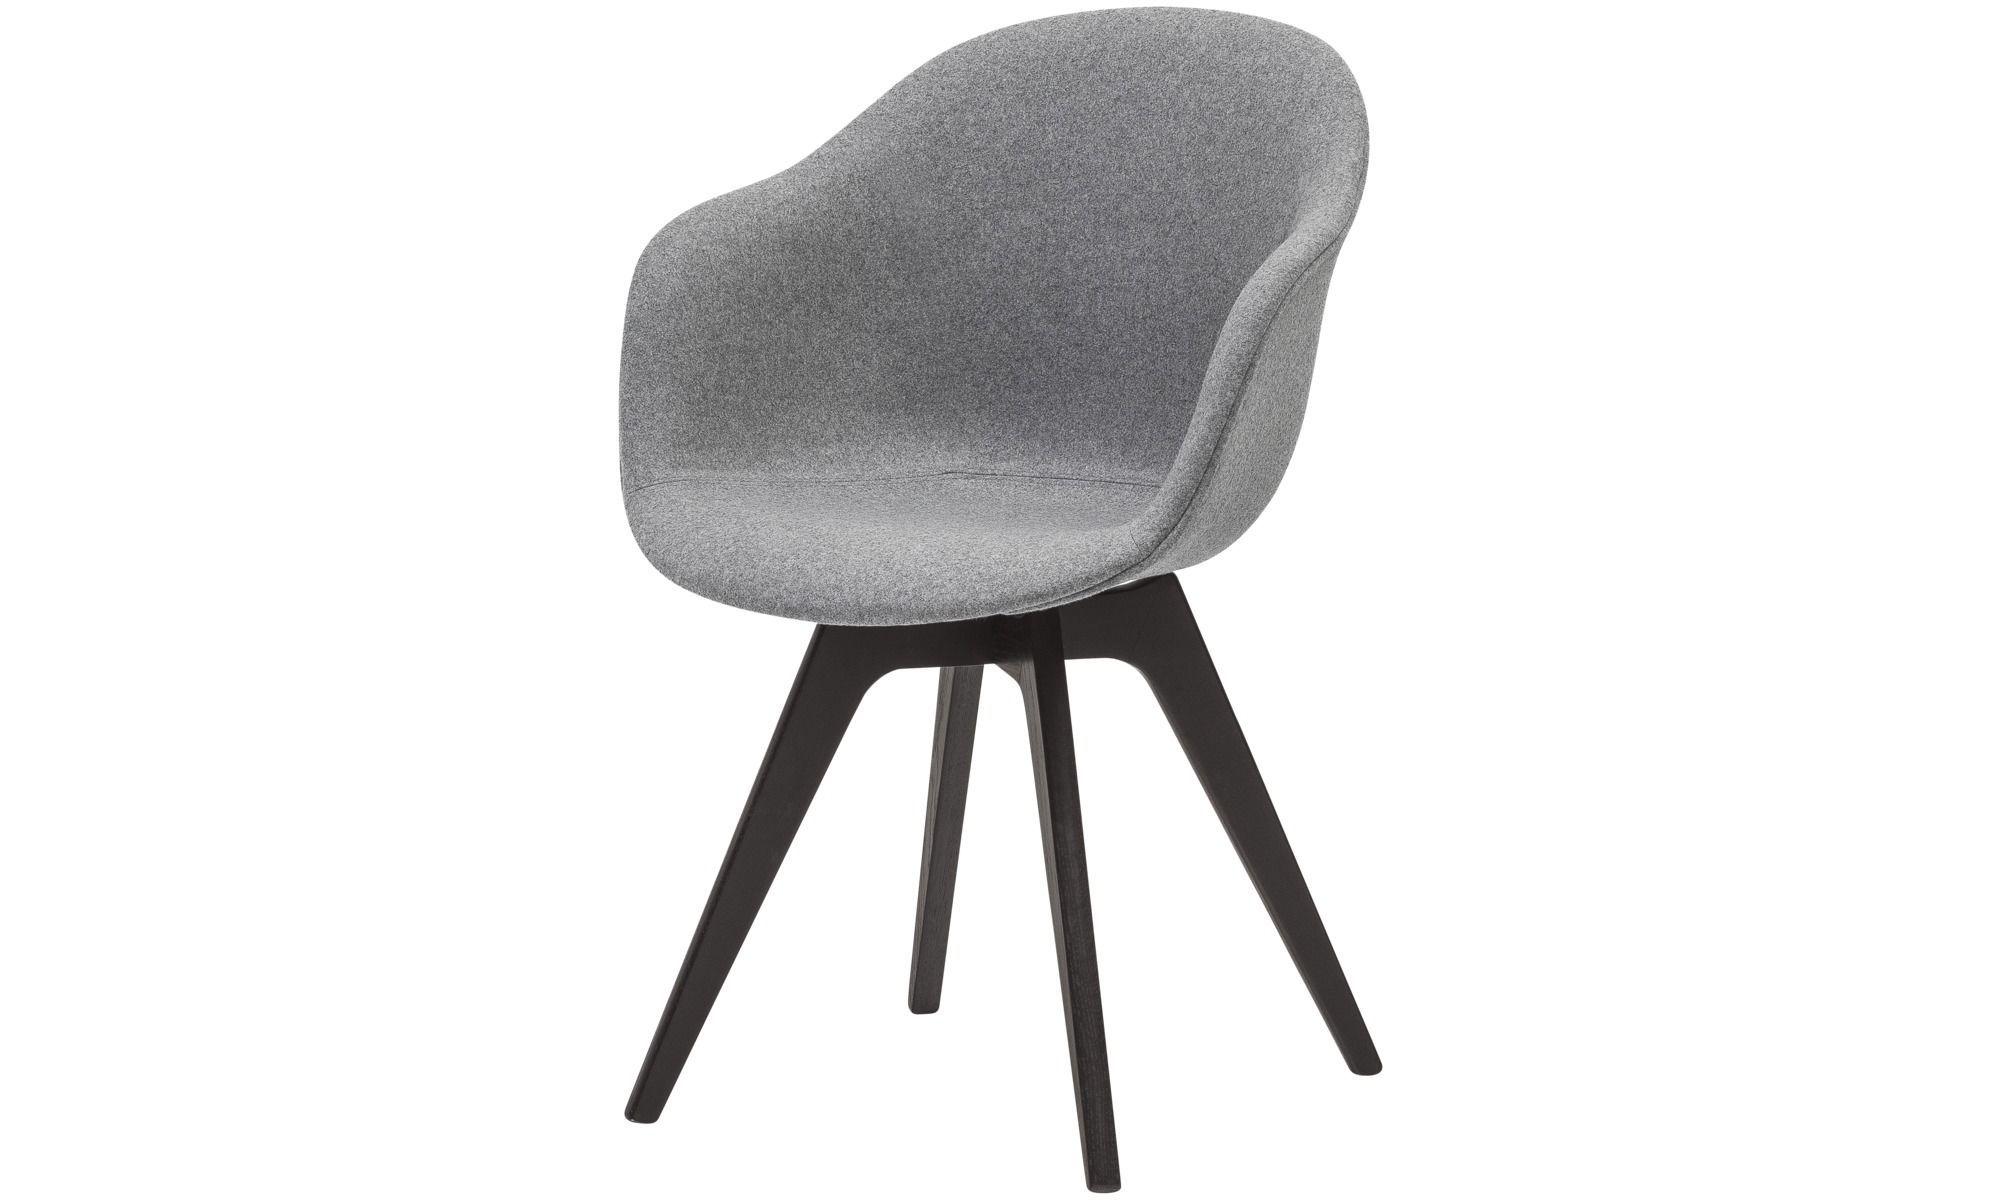 Stuhl In Adelaide Esszimmerstühle Grau 2019 StoffEsszimmer XZPkui